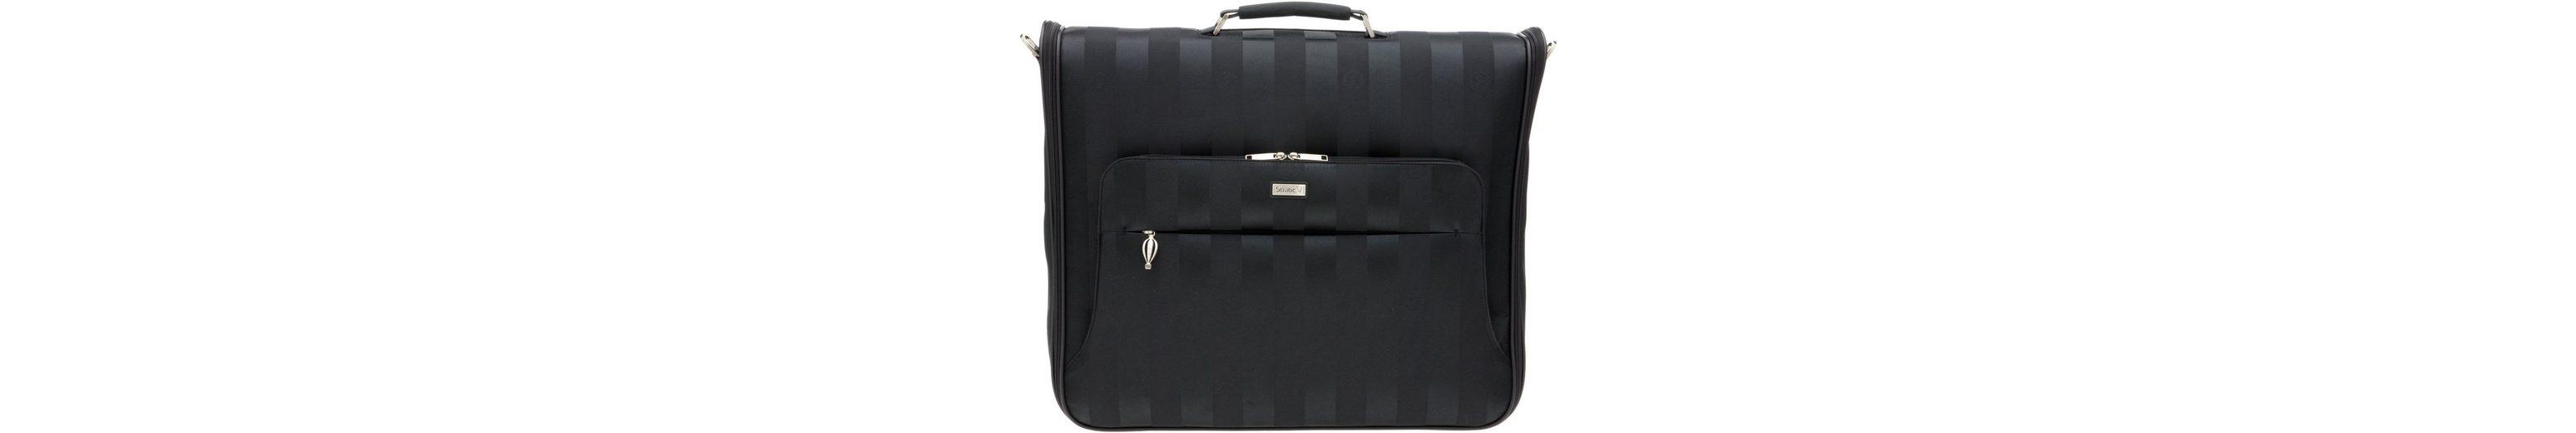 Stratic Handgepäcktasche mit Umhängegurt, »Saphir Kleidersack«